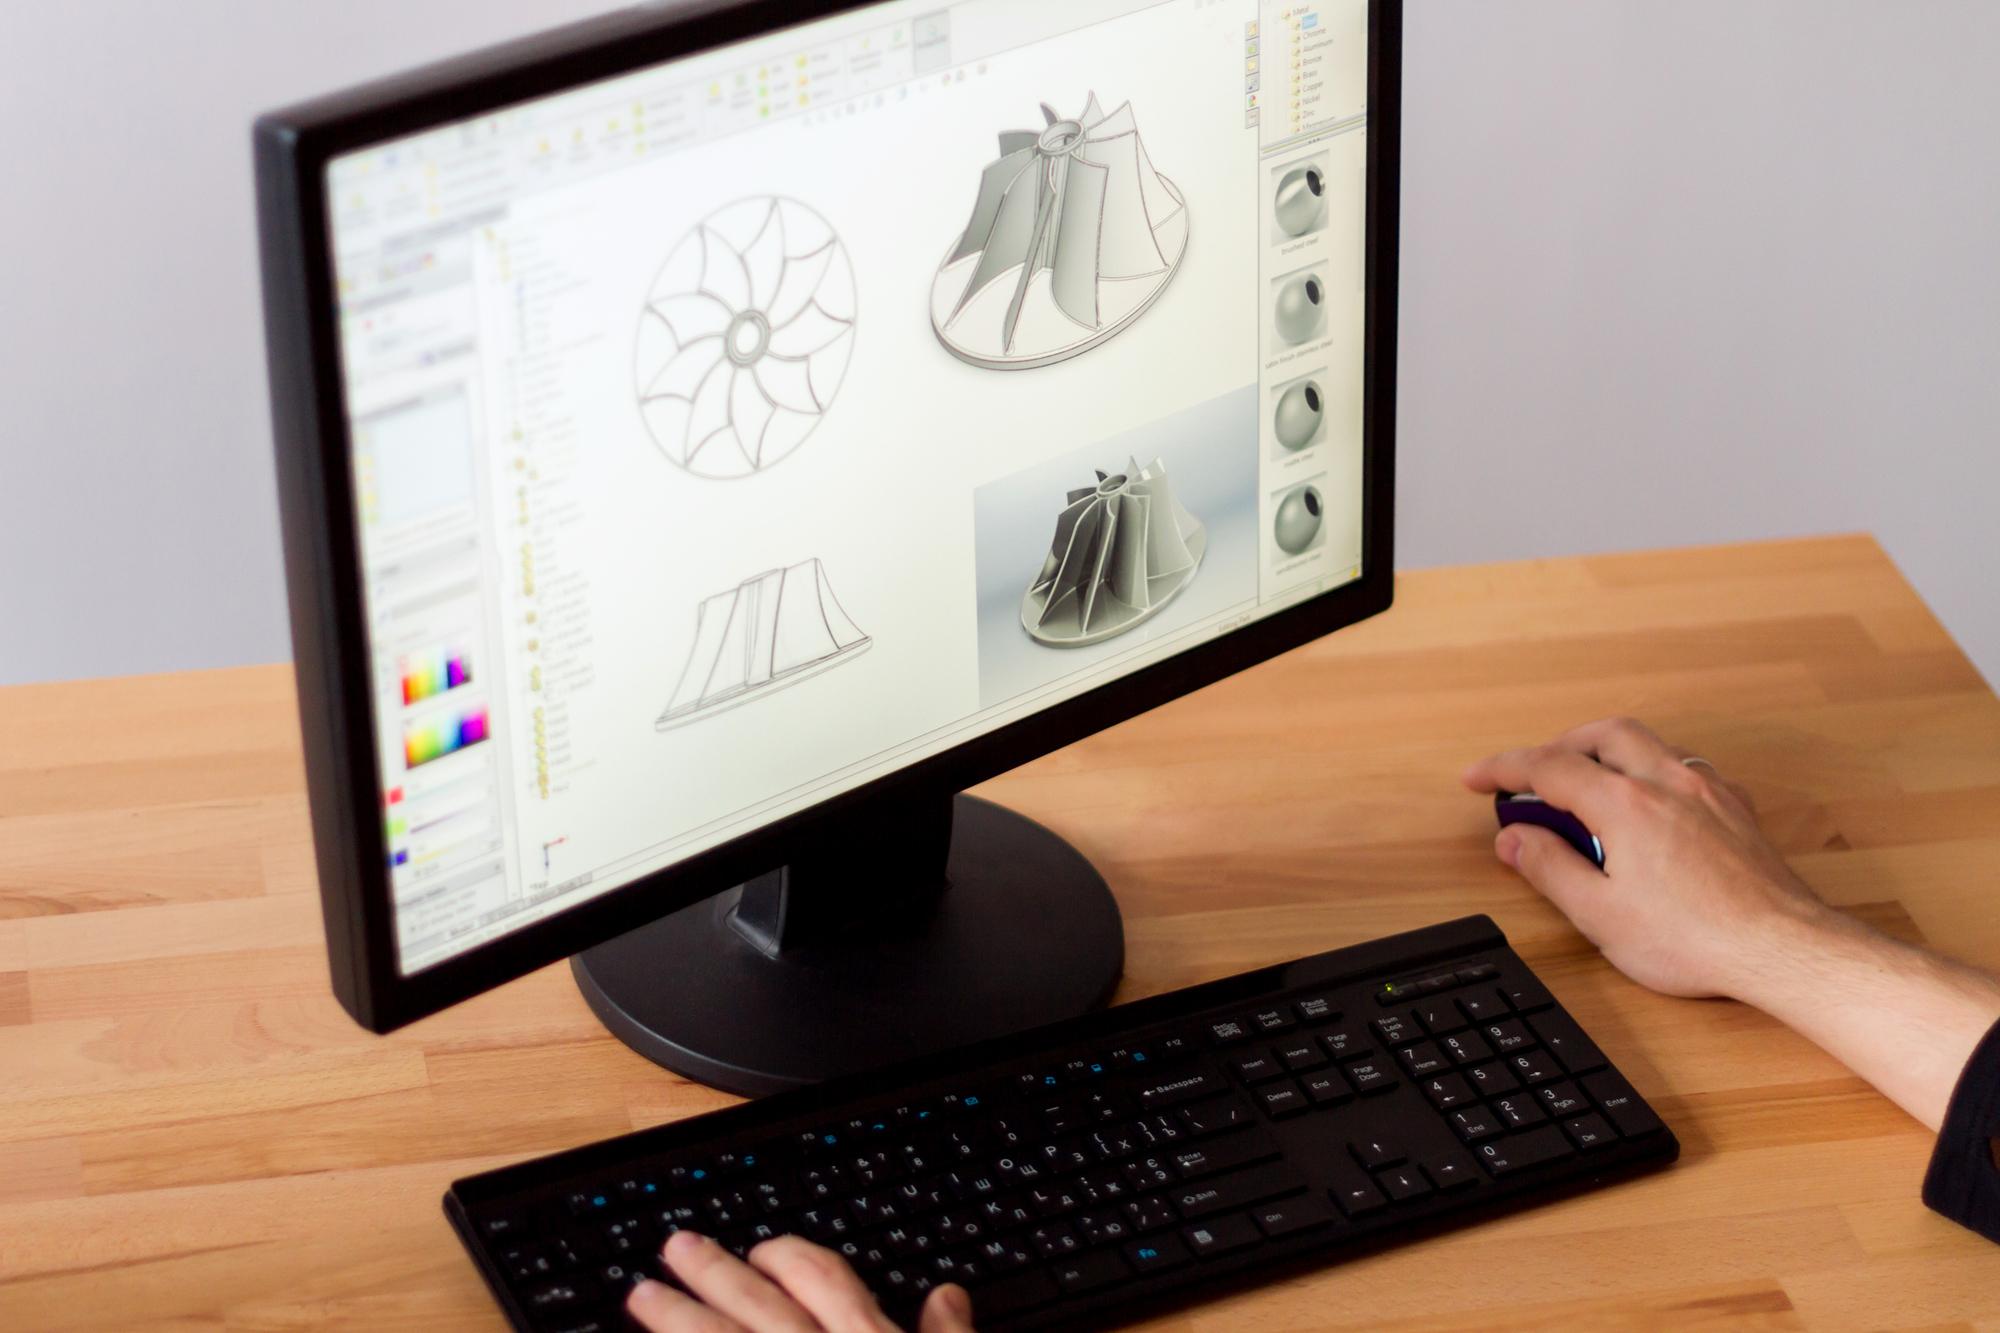 cad-designers